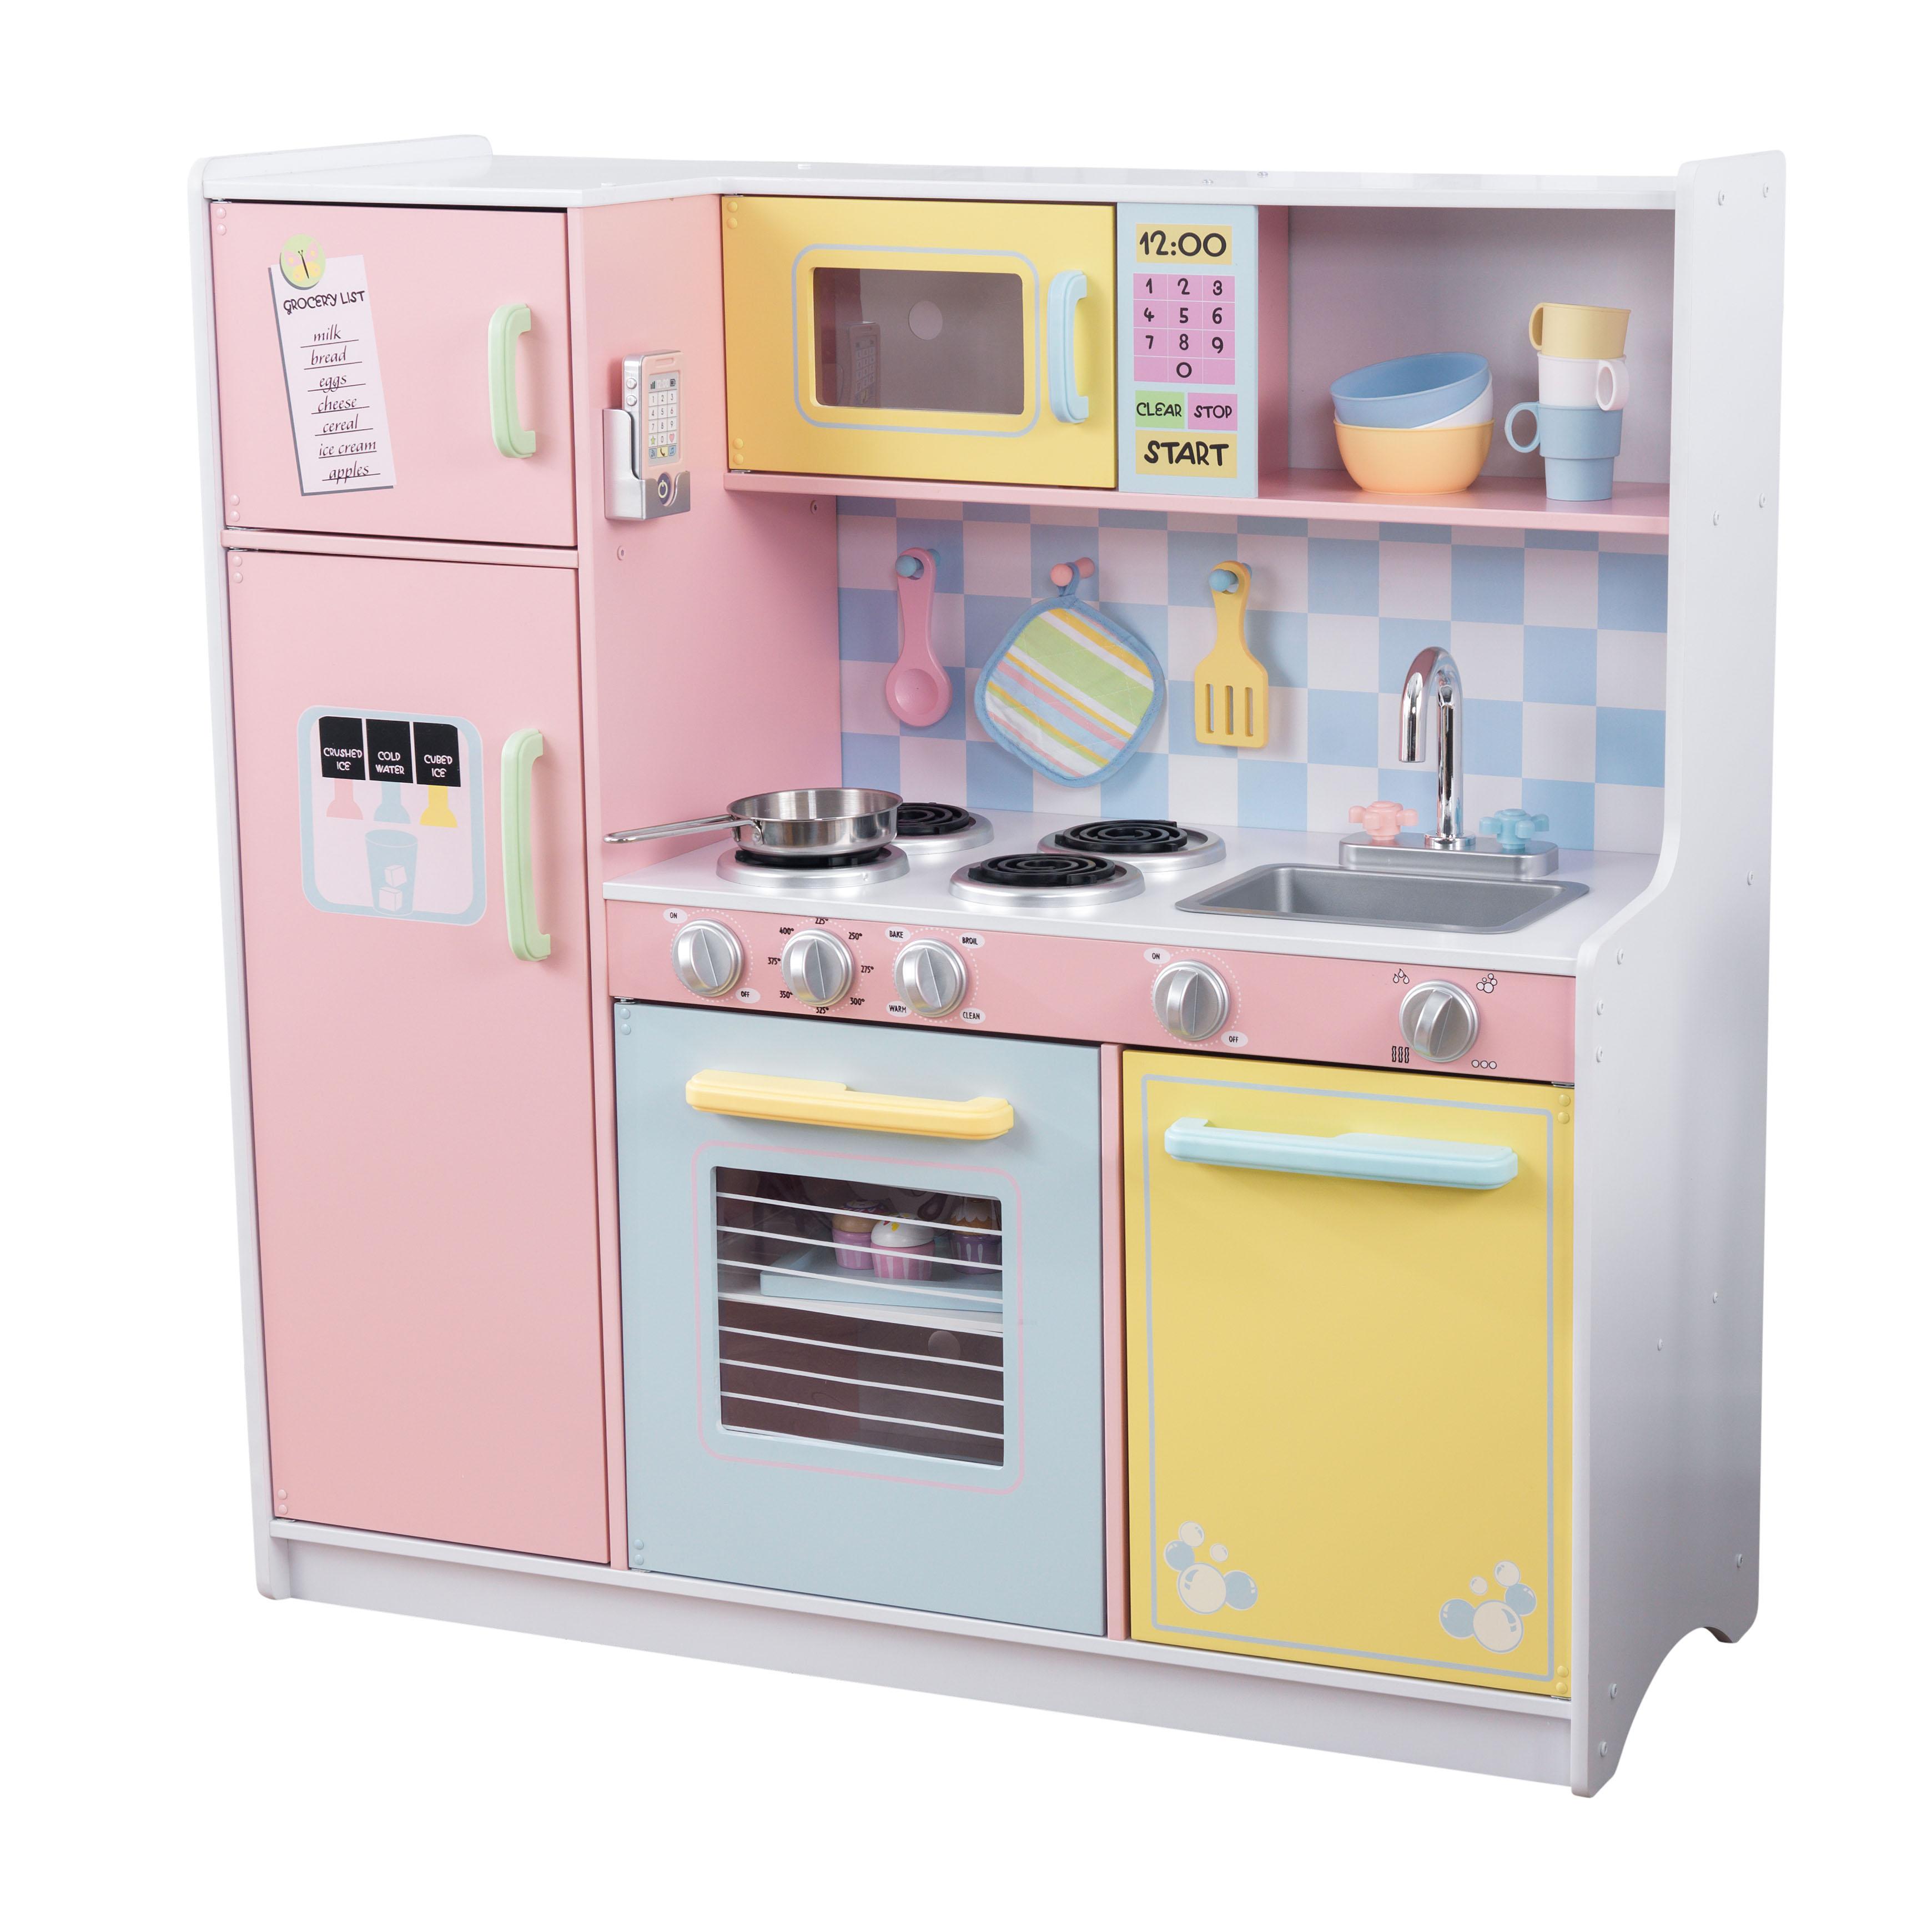 Голяма детска дървена кухня в пастелни цветове от KidKraft - Bellamiestore